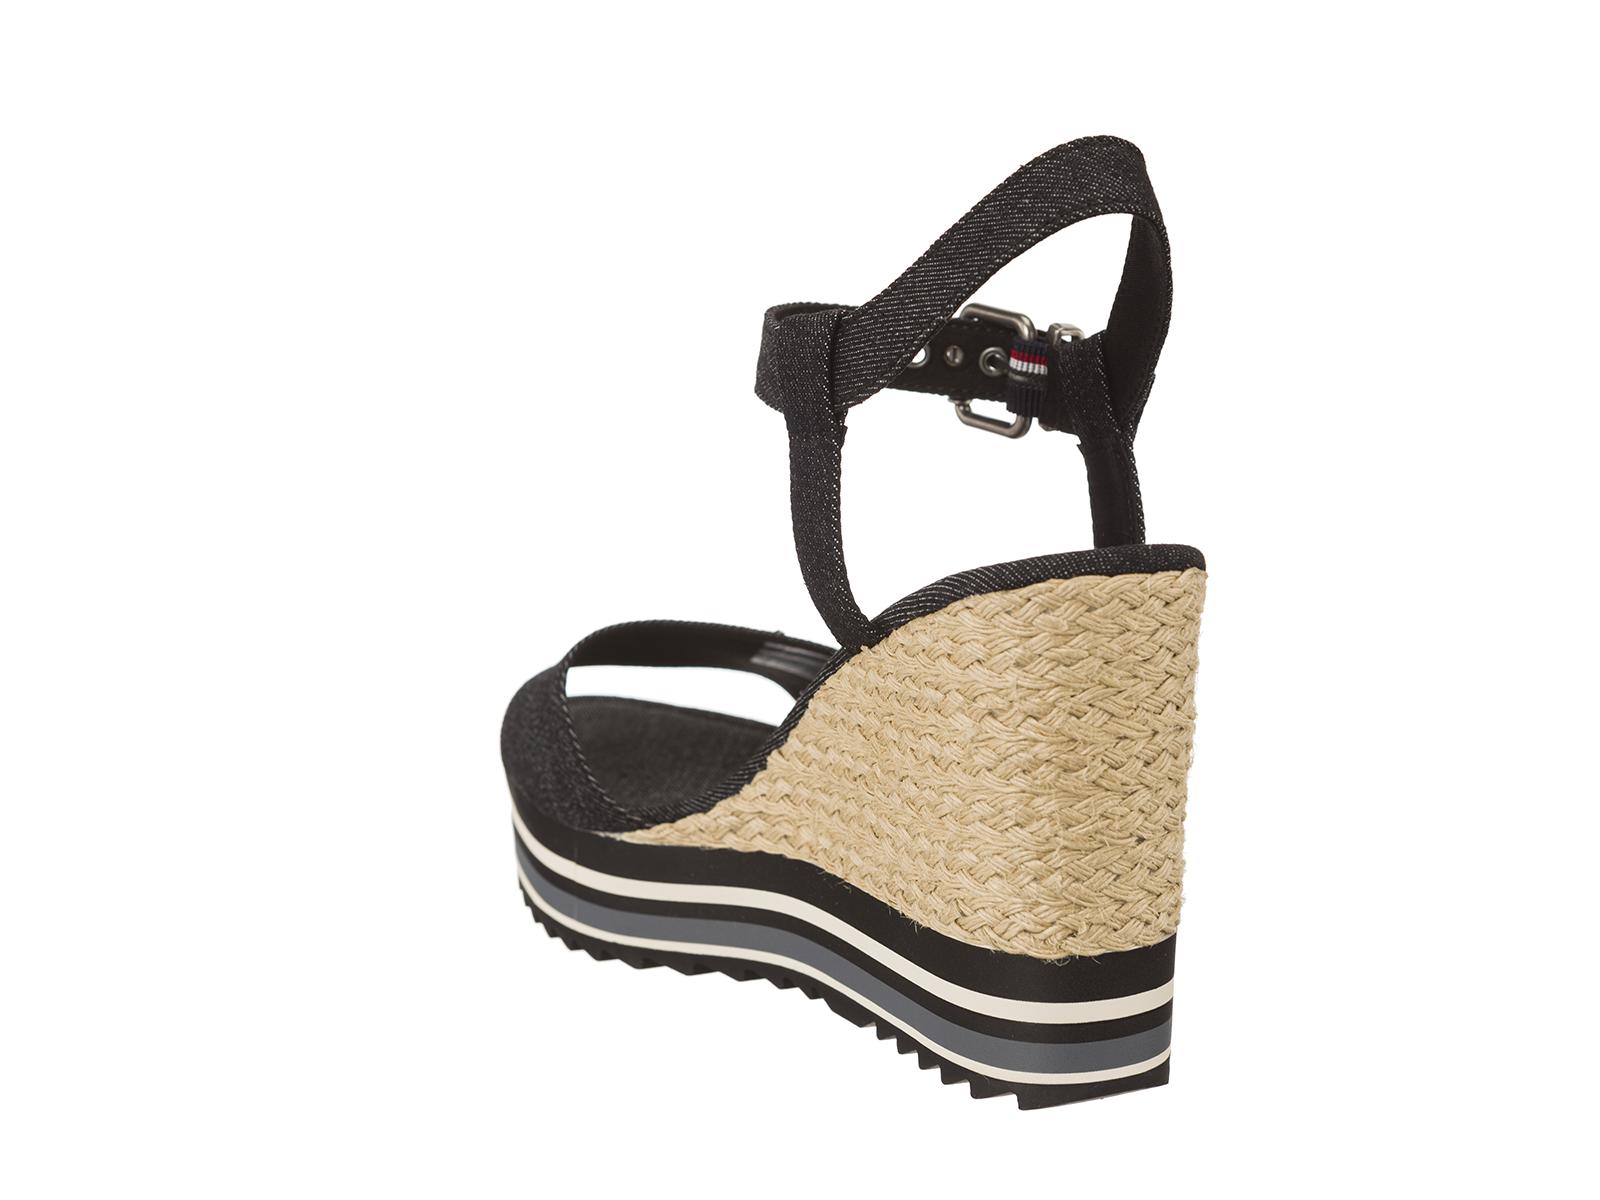 tommy hilfiger originals veranice 1d damen 2017 sandalen. Black Bedroom Furniture Sets. Home Design Ideas